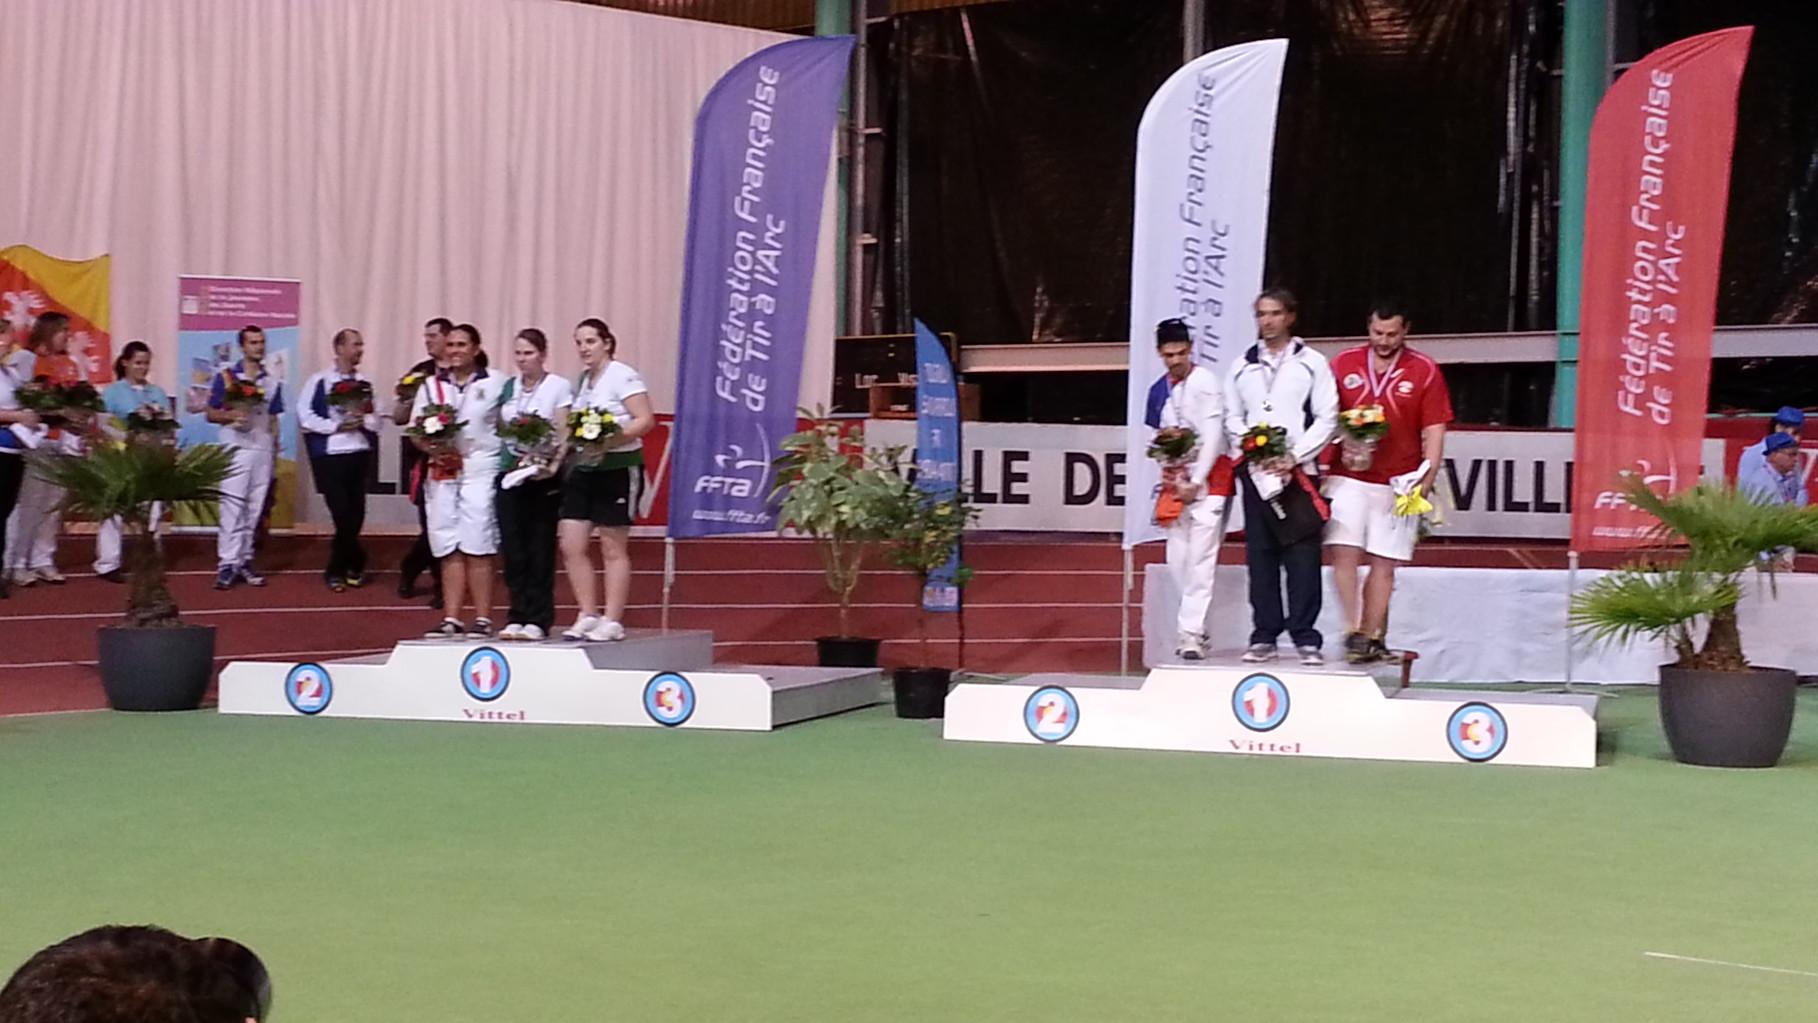 Le finalistes aArc Clasique